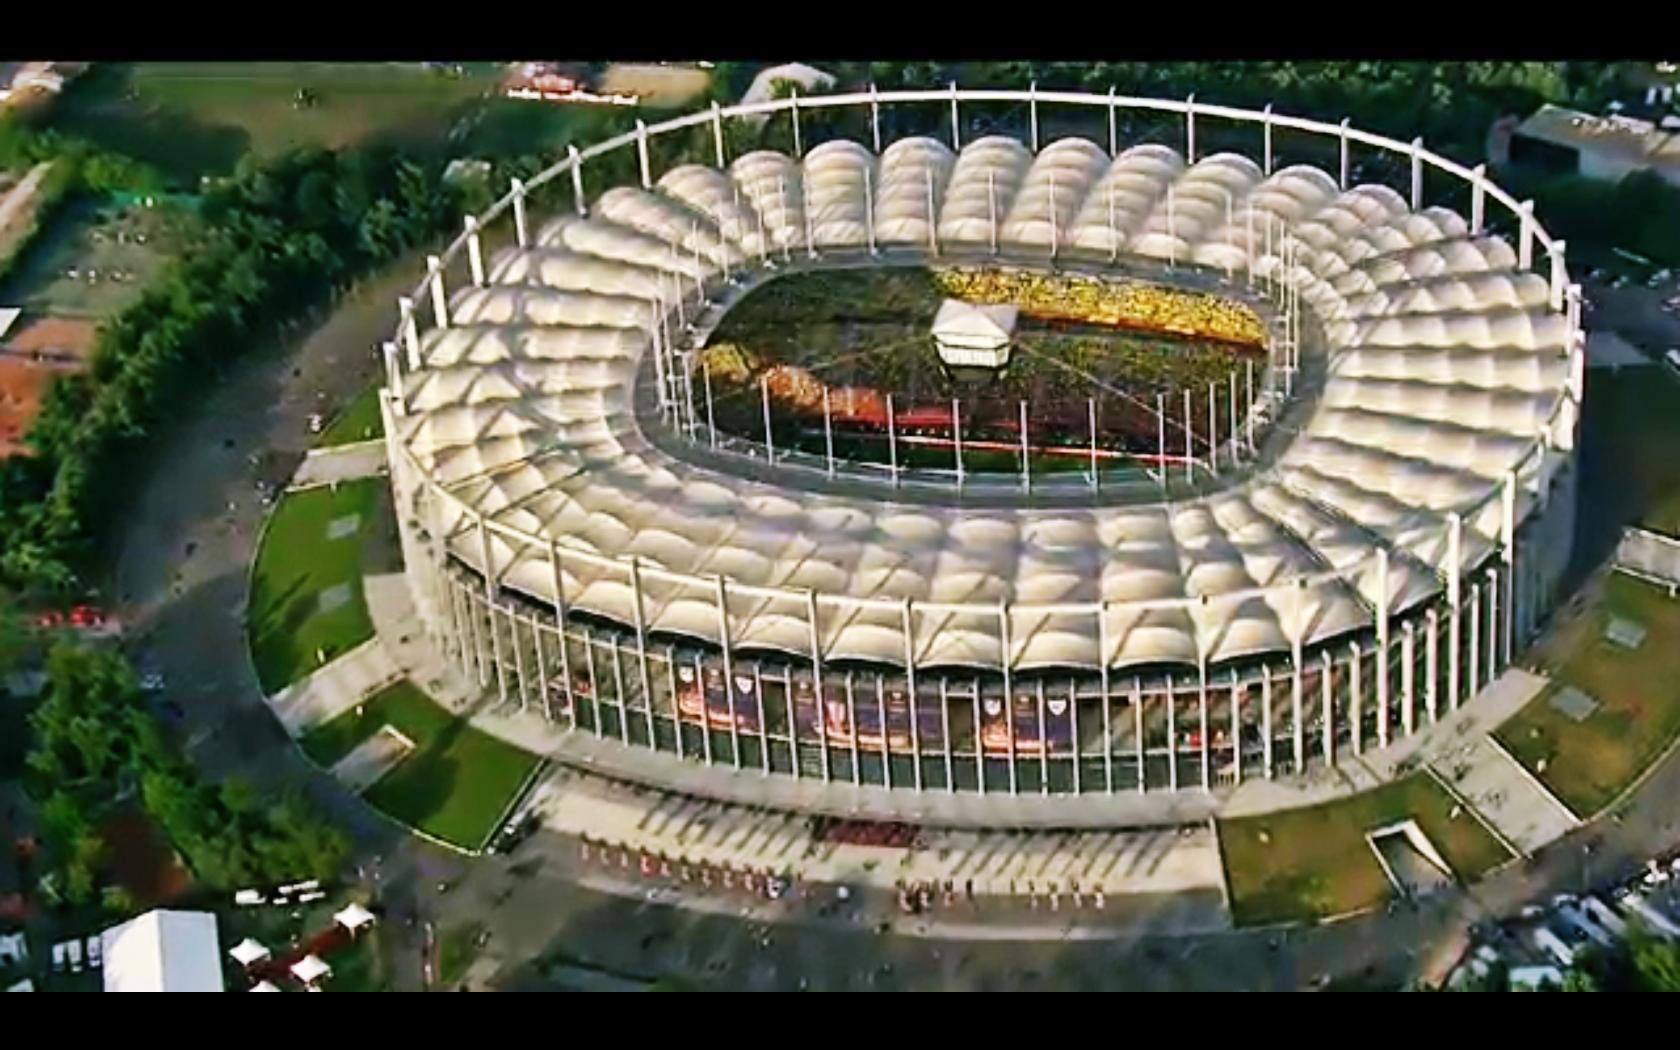 BILETE ROMANIA - TURCIA. Doar 15.000 de bilete vandute, cu 24 de ore inainte de meci